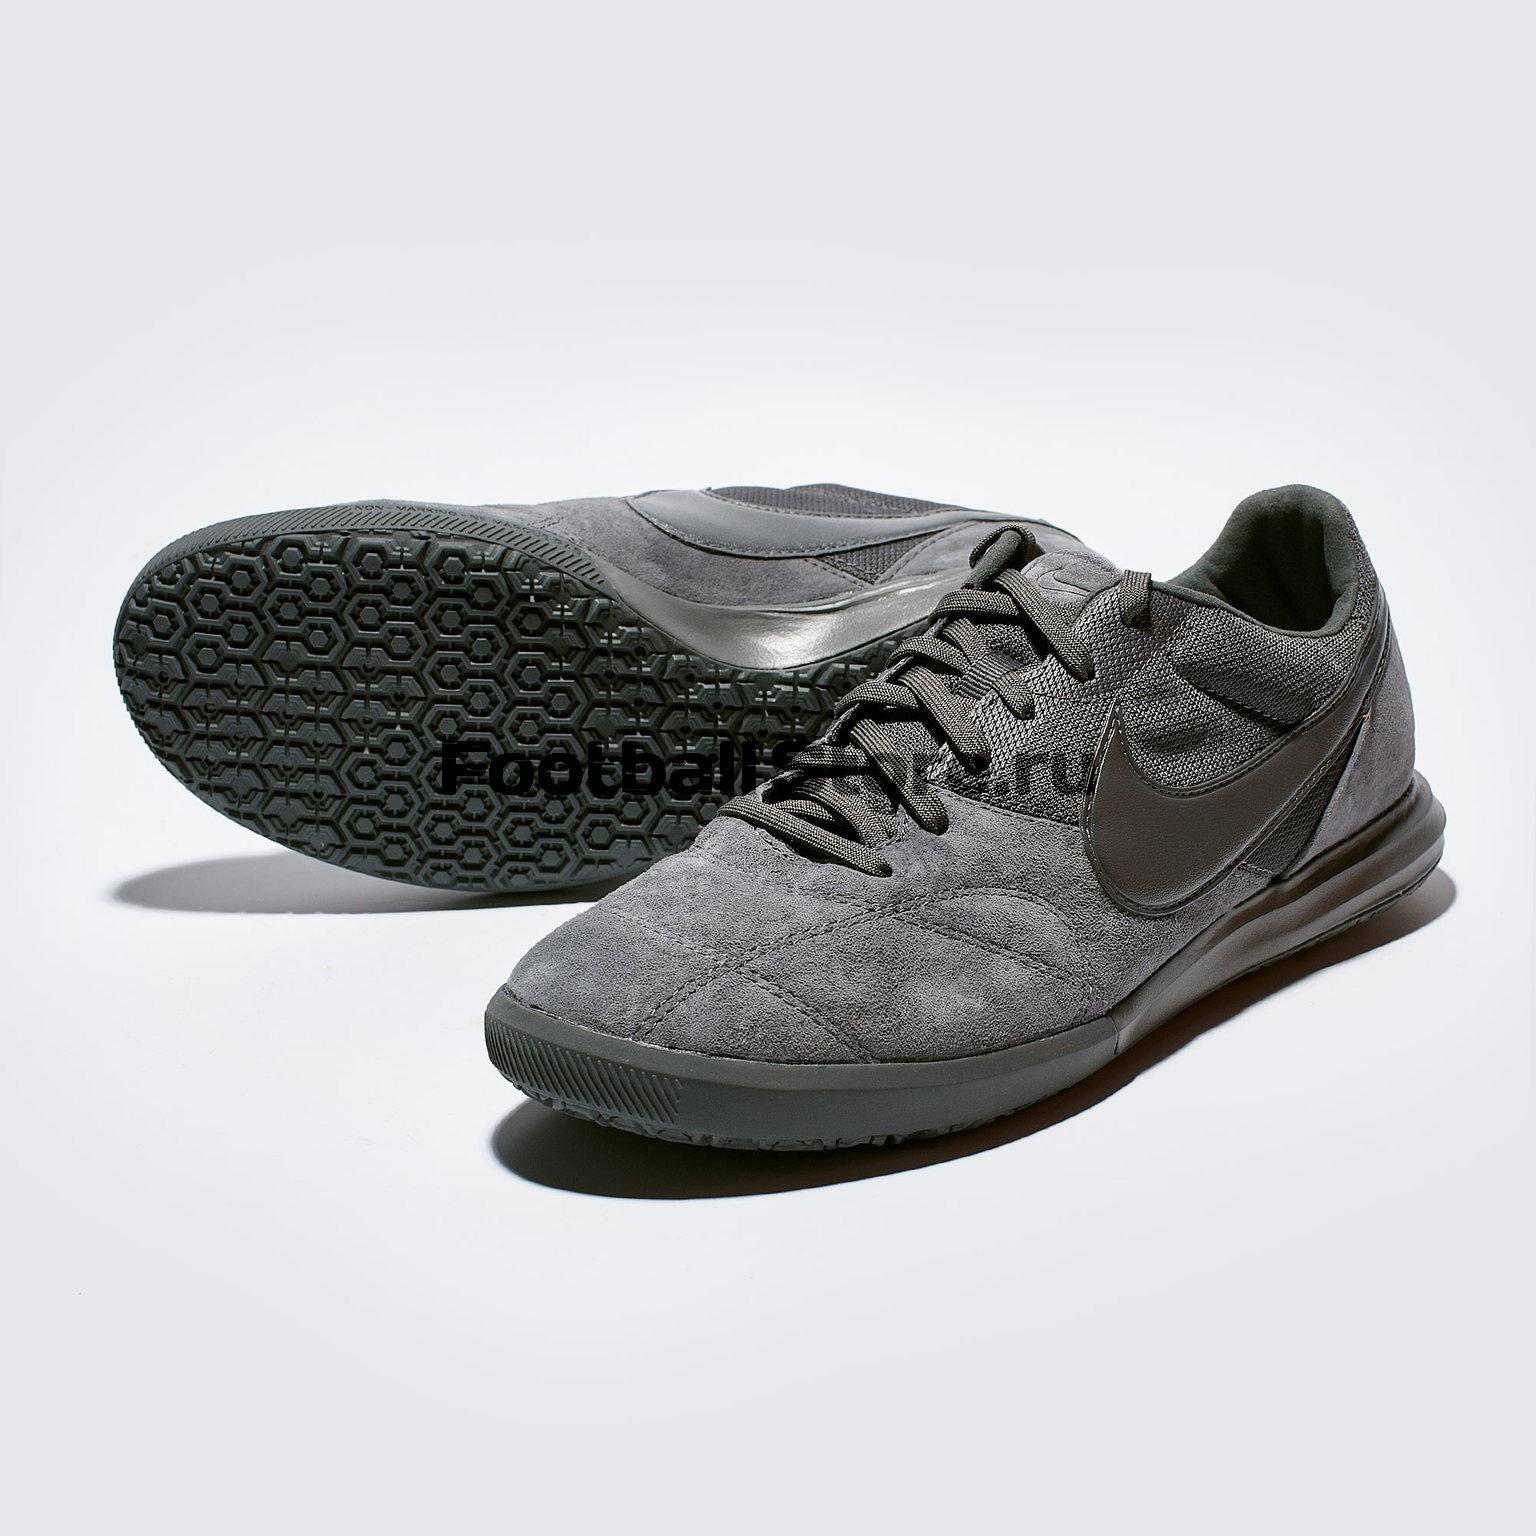 Футзалки Nike Tiempo Premier II Sala AV3153-001 футзалки nike tiempo premier ii sala av3153 010